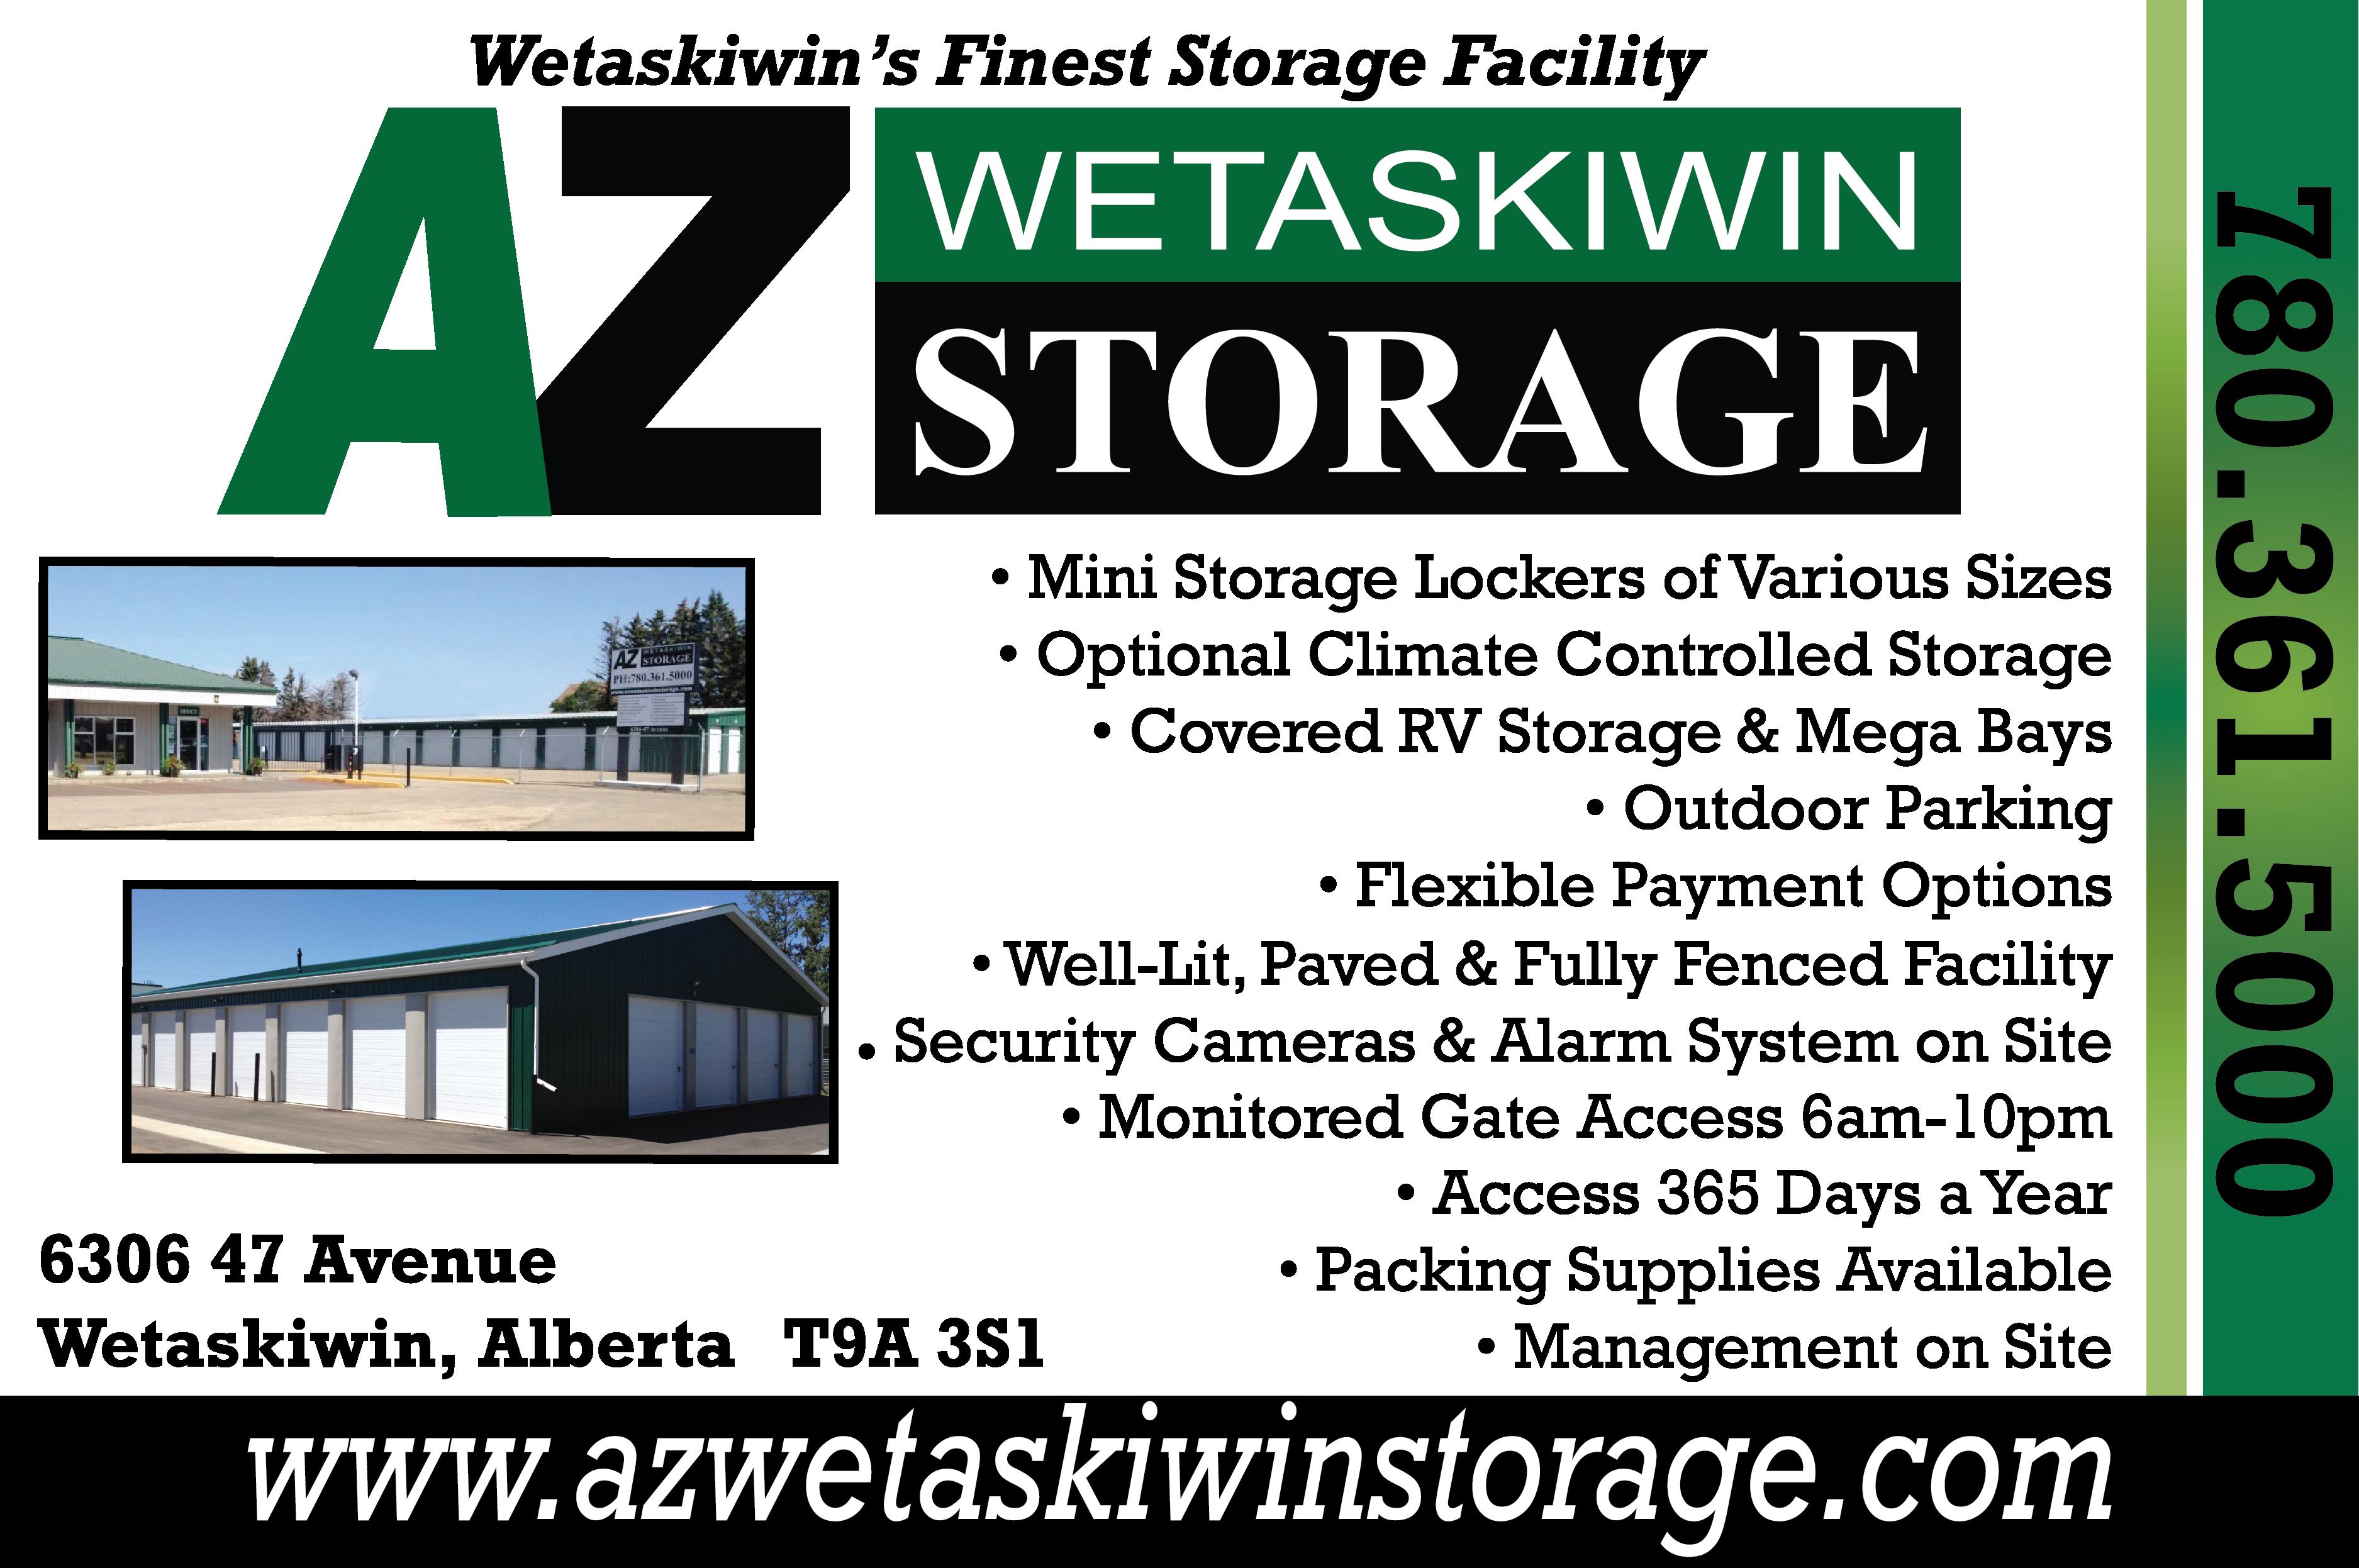 AZ Wetaskiwin Storage - Self-Storage - 780-361-5000